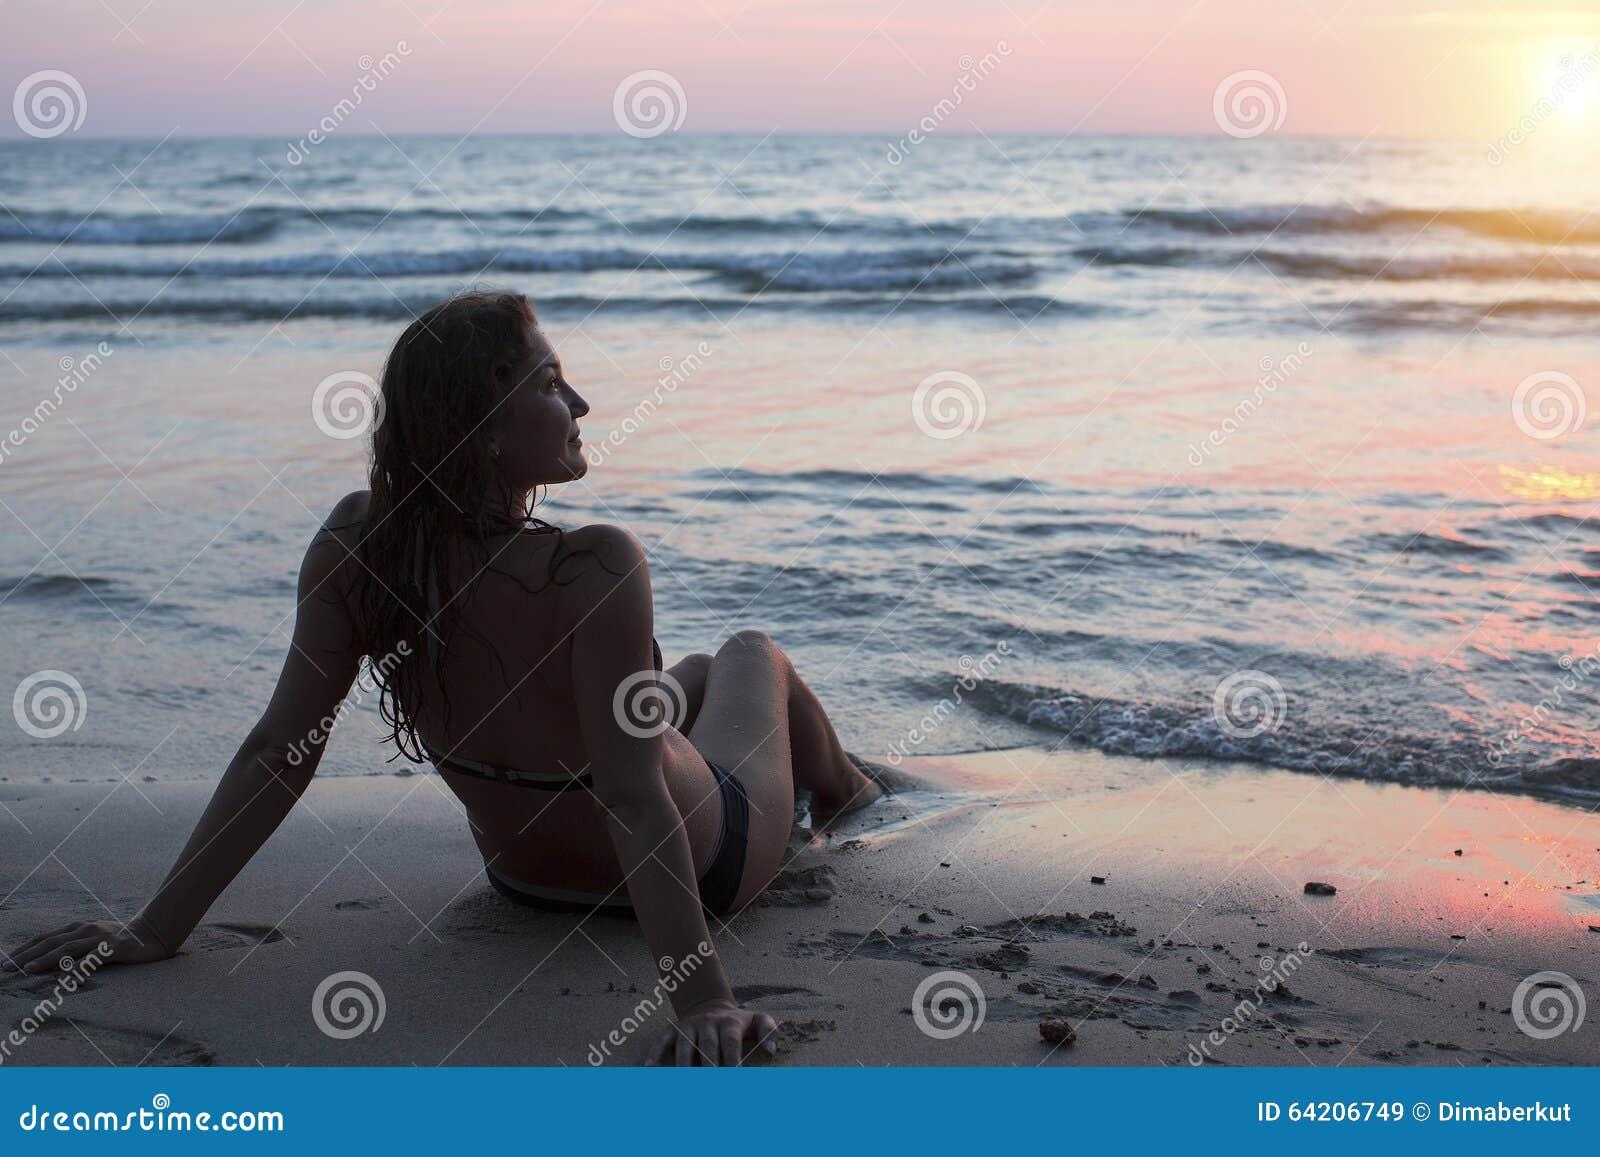 Chica joven en la playa del mar durante puesta del sol asombrosa Relájese